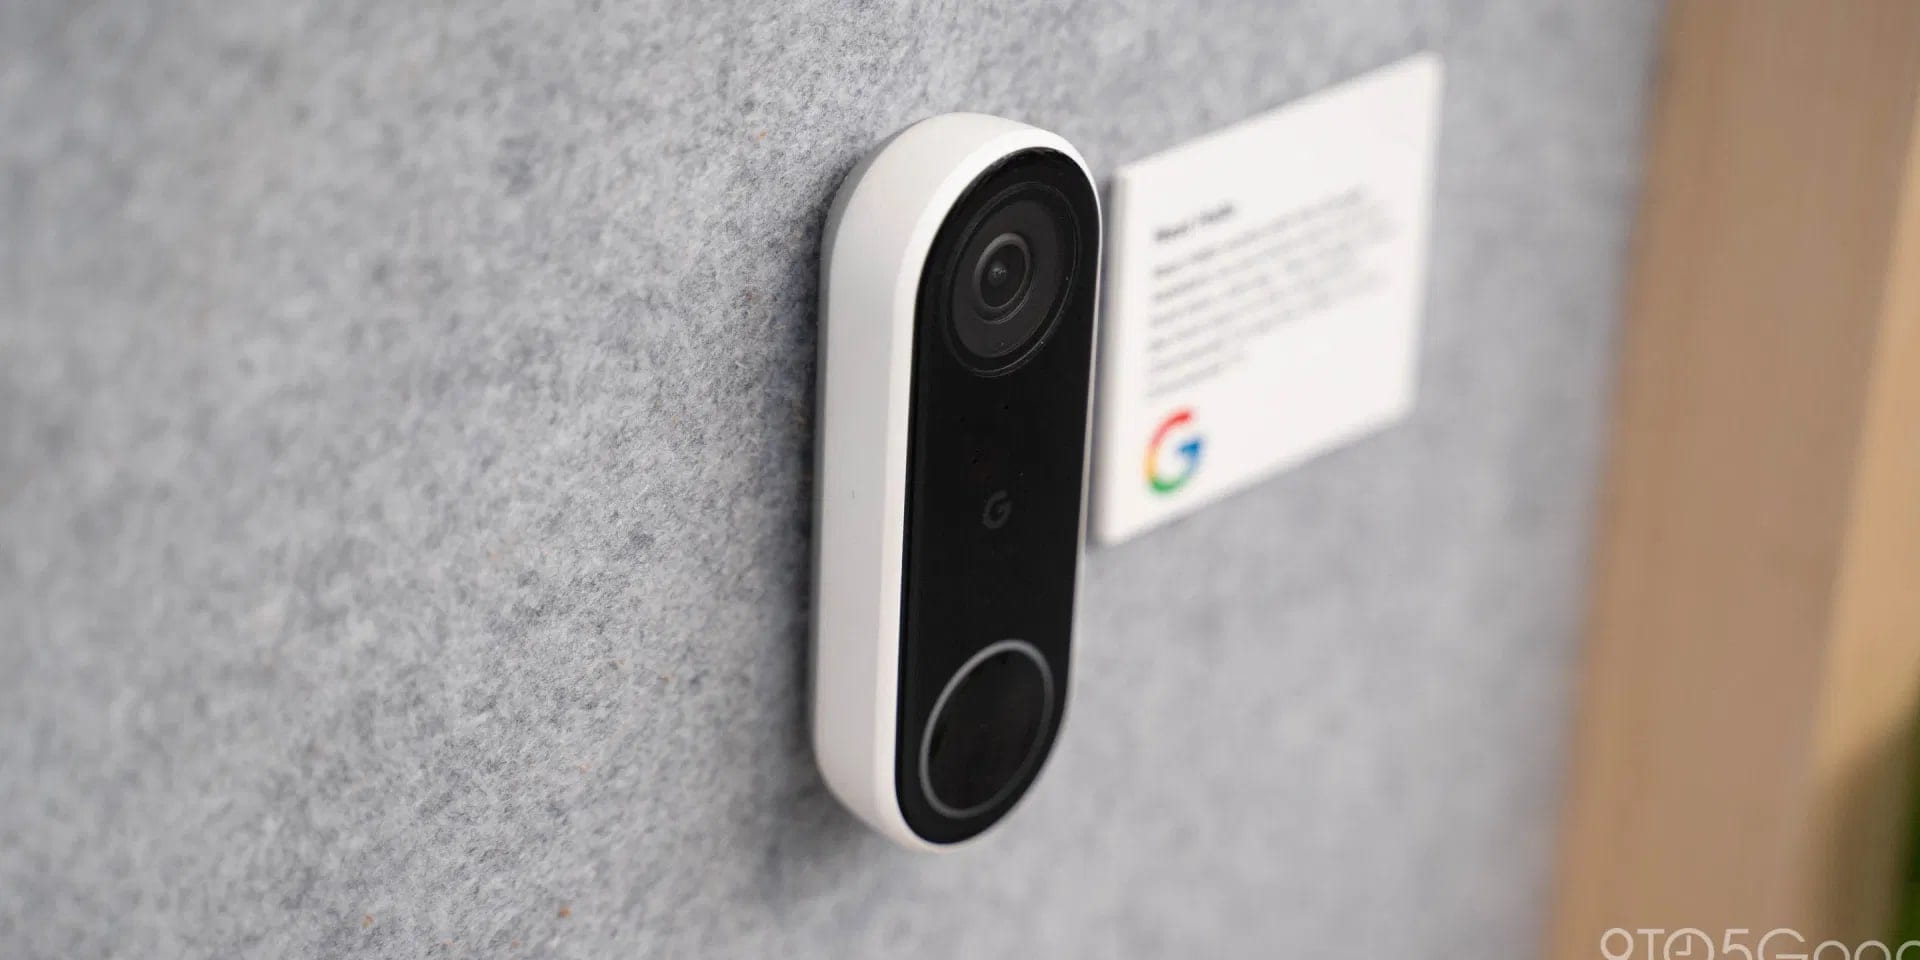 Google si impegna sul tema sicurezza: fornirà almeno 5 anni di supporto per i dispositivi Nest